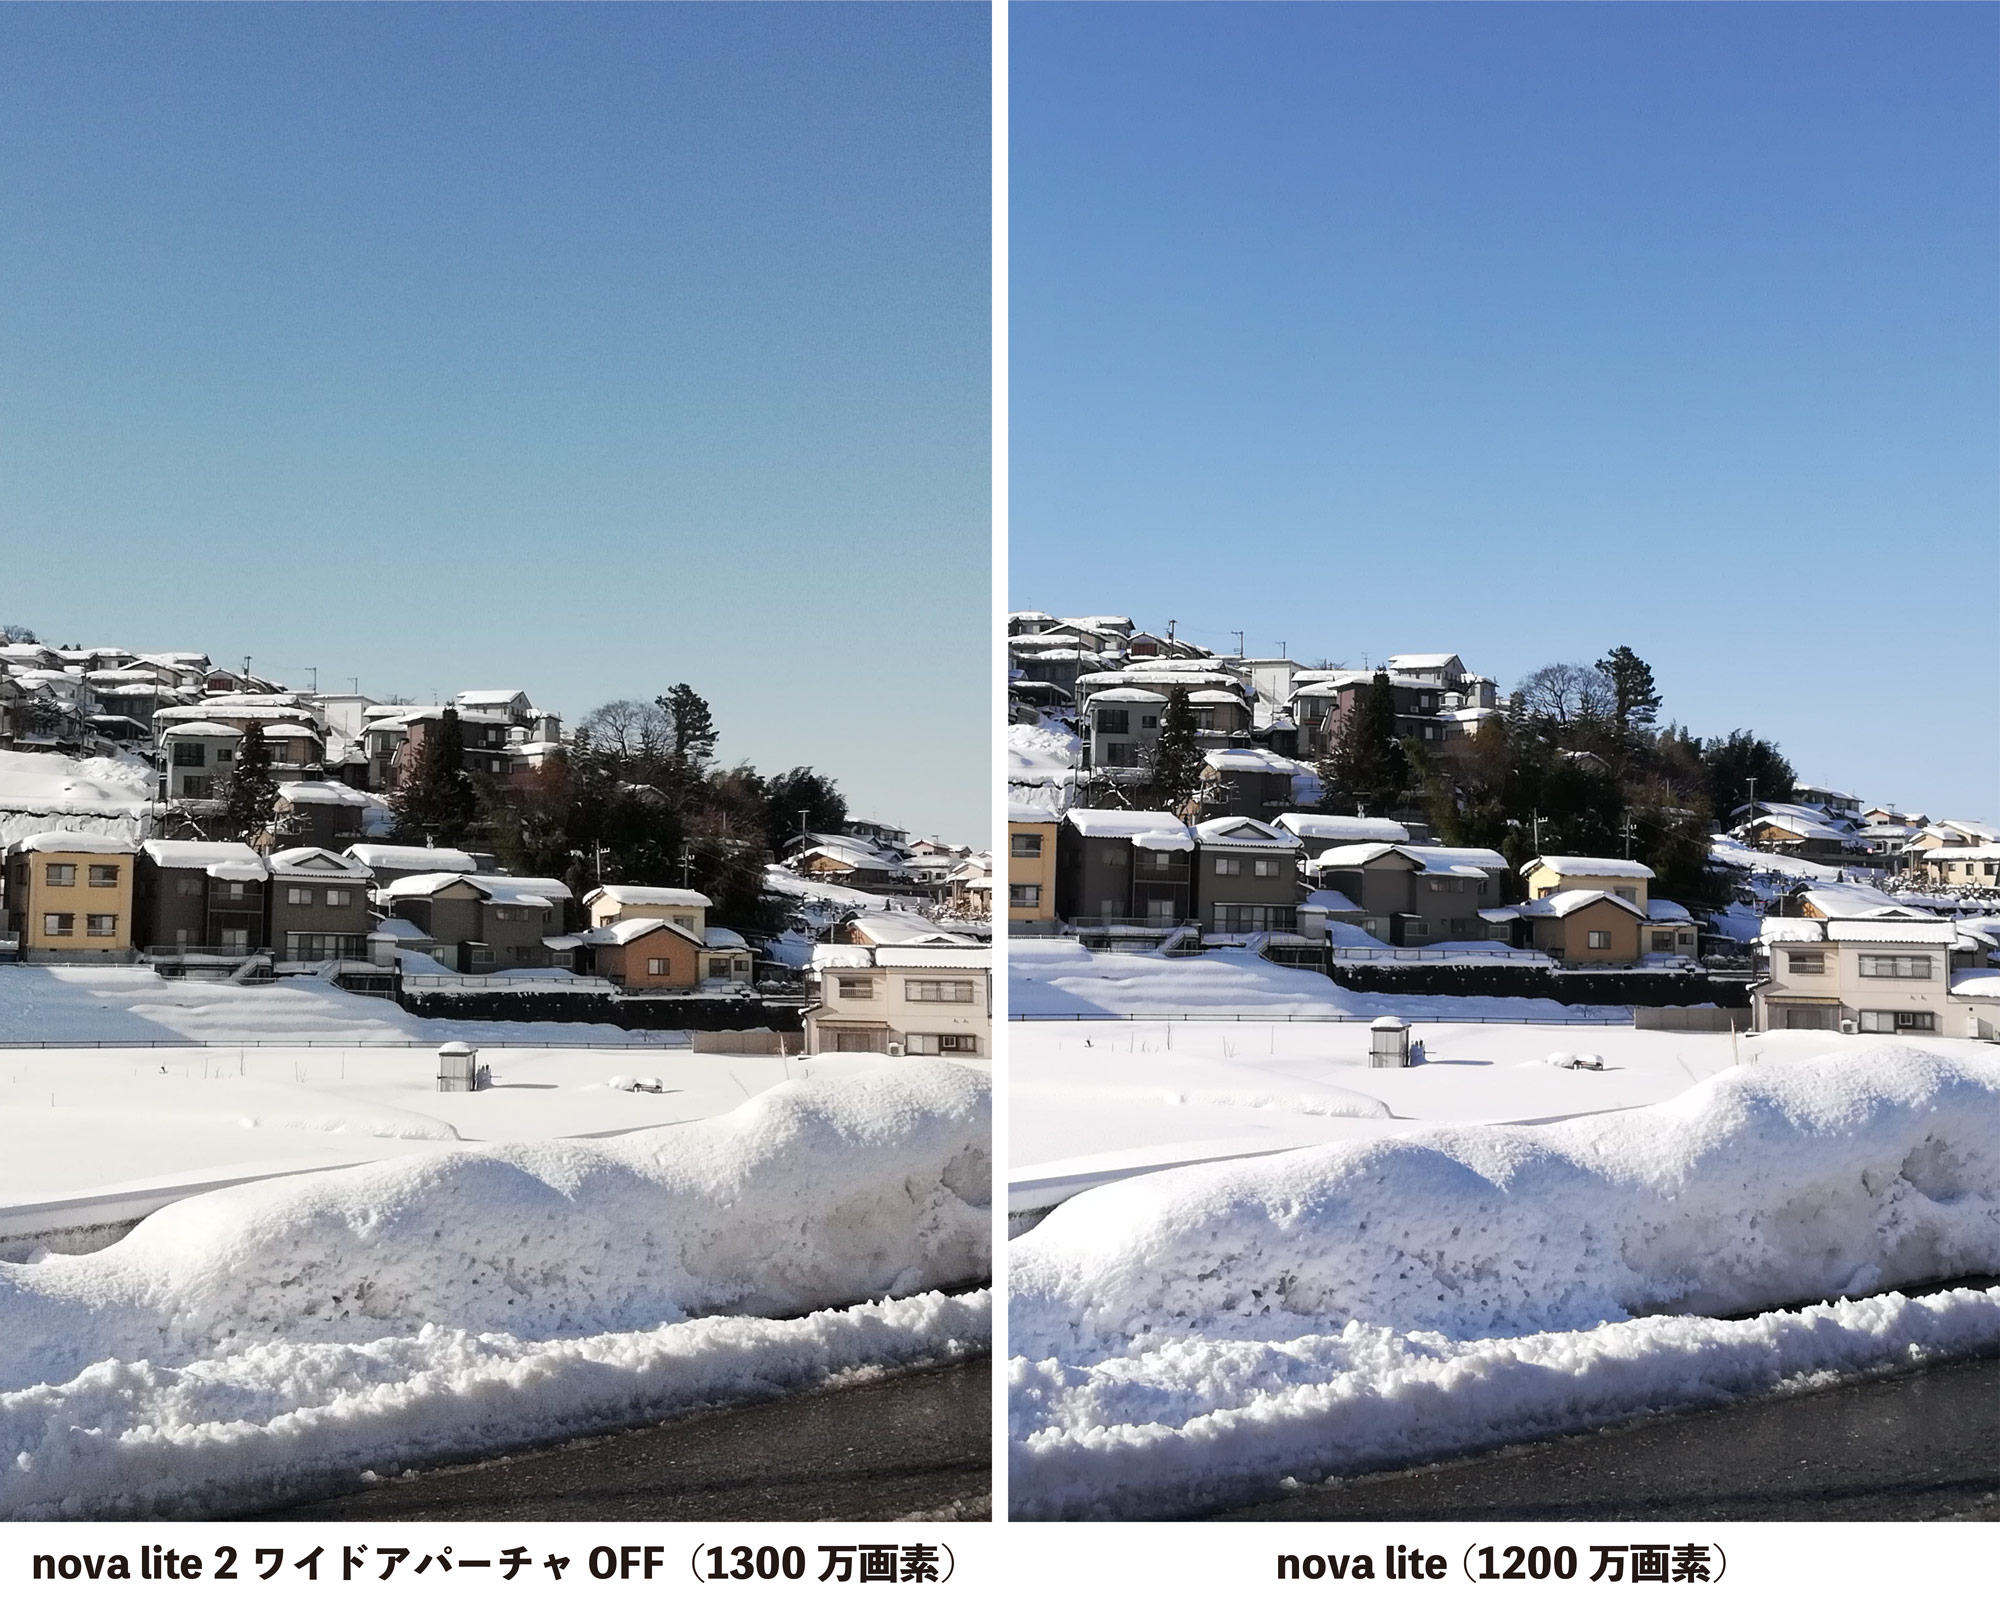 nova lite 2 vs nova lite カメラ画質比較